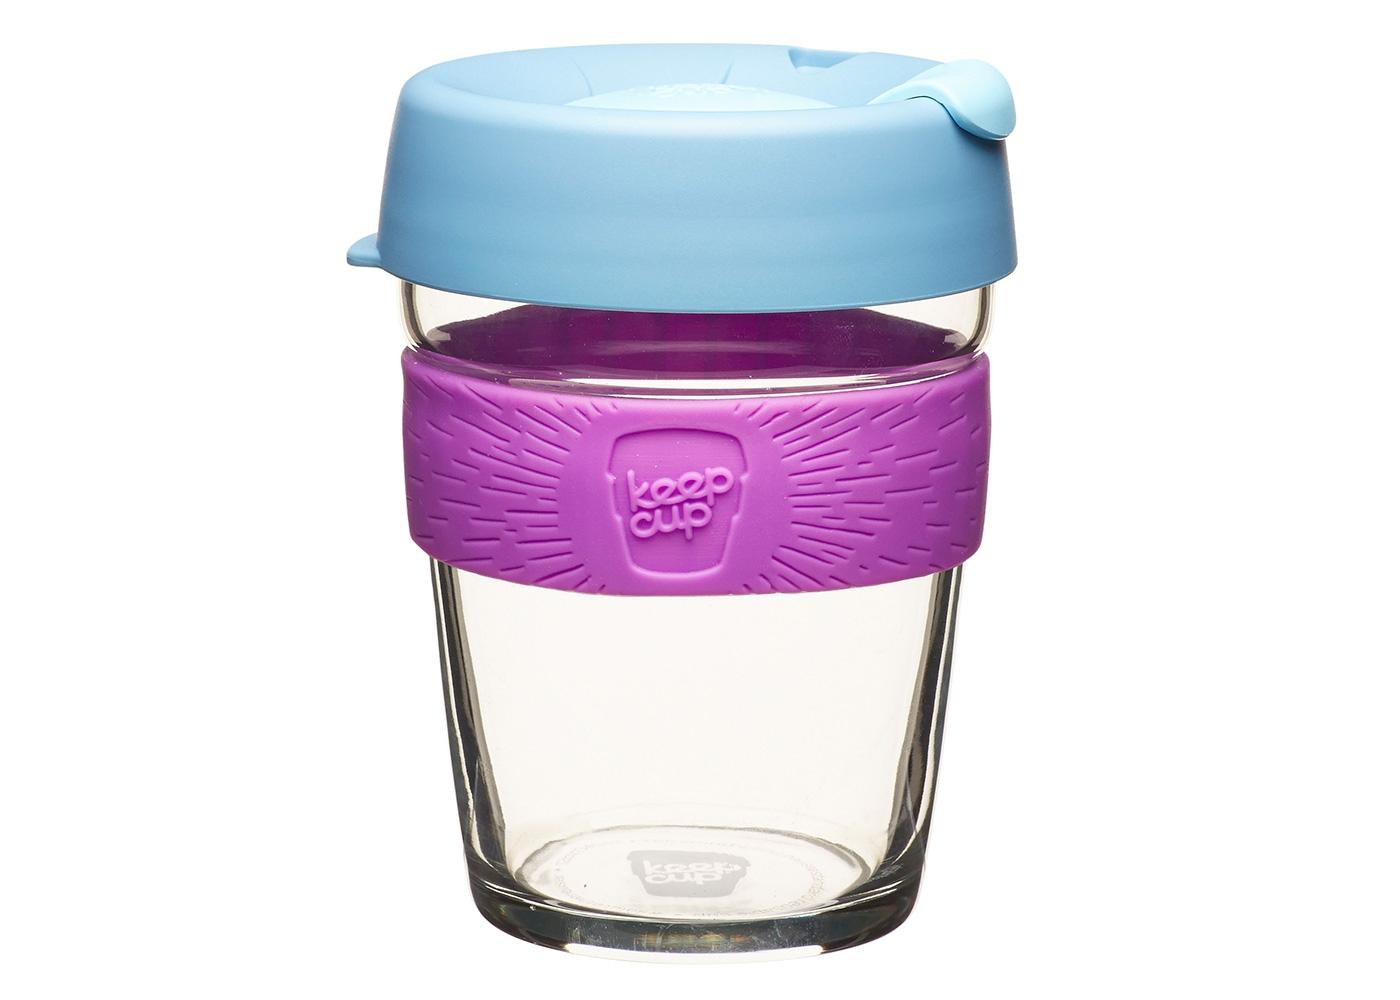 Кружка Keepcup lavenderЧайные пары, чашки и кружки<br>Новая версия культовых кружек KeepCup со стенками из закаленного стекла и еще более удобной крышкой.<br>Кружка, созданная с мыслями о вас и о планете. Главная идея KeepCup – вдохновить любителей кофе отказаться от использования&amp;amp;nbsp;&amp;lt;div&amp;gt;одноразовых бумажных и пластиковых стаканов, так как их производство и утилизация наносят вред окружающей среде.&amp;amp;nbsp;&amp;lt;/div&amp;gt;&amp;lt;div&amp;gt;&amp;lt;br&amp;gt;&amp;lt;/div&amp;gt;&amp;lt;div&amp;gt;Специальная крышка с открывающимся и закрывающимся клапаном спасет от брызг, а силиконовый ободок поможет не обжечься (плюс, удобно держать кружку в руках.<br>Крышка сделана из нетоксичного пластика без содержания вредного бисфенола (BPA-free). Корпус - из закаленного стекла, устойчивого к термическому и механическому воздействию. Разработана и произведена в Австралии.&amp;lt;div&amp;gt;&amp;lt;br&amp;gt;&amp;lt;/div&amp;gt;&amp;lt;div&amp;gt;Объем 340 мл.&amp;lt;/div&amp;gt;&amp;lt;/div&amp;gt;<br><br>Material: Стекло<br>Height см: 13<br>Diameter см: 8.8